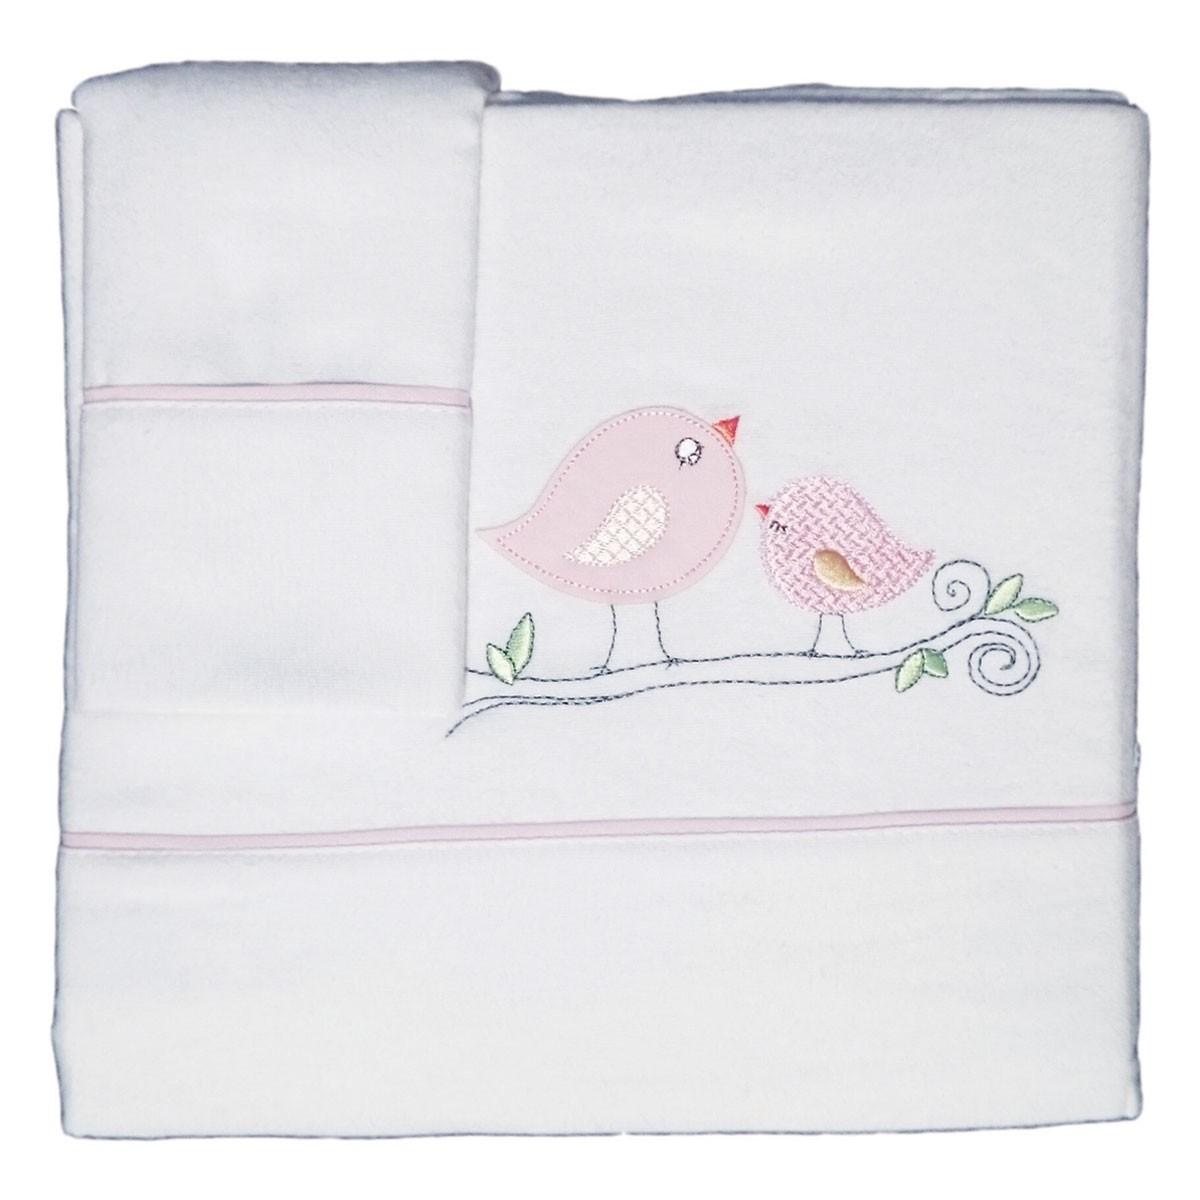 Φανελένια Σεντόνια Κούνιας (Σετ) Morven 525 Pink